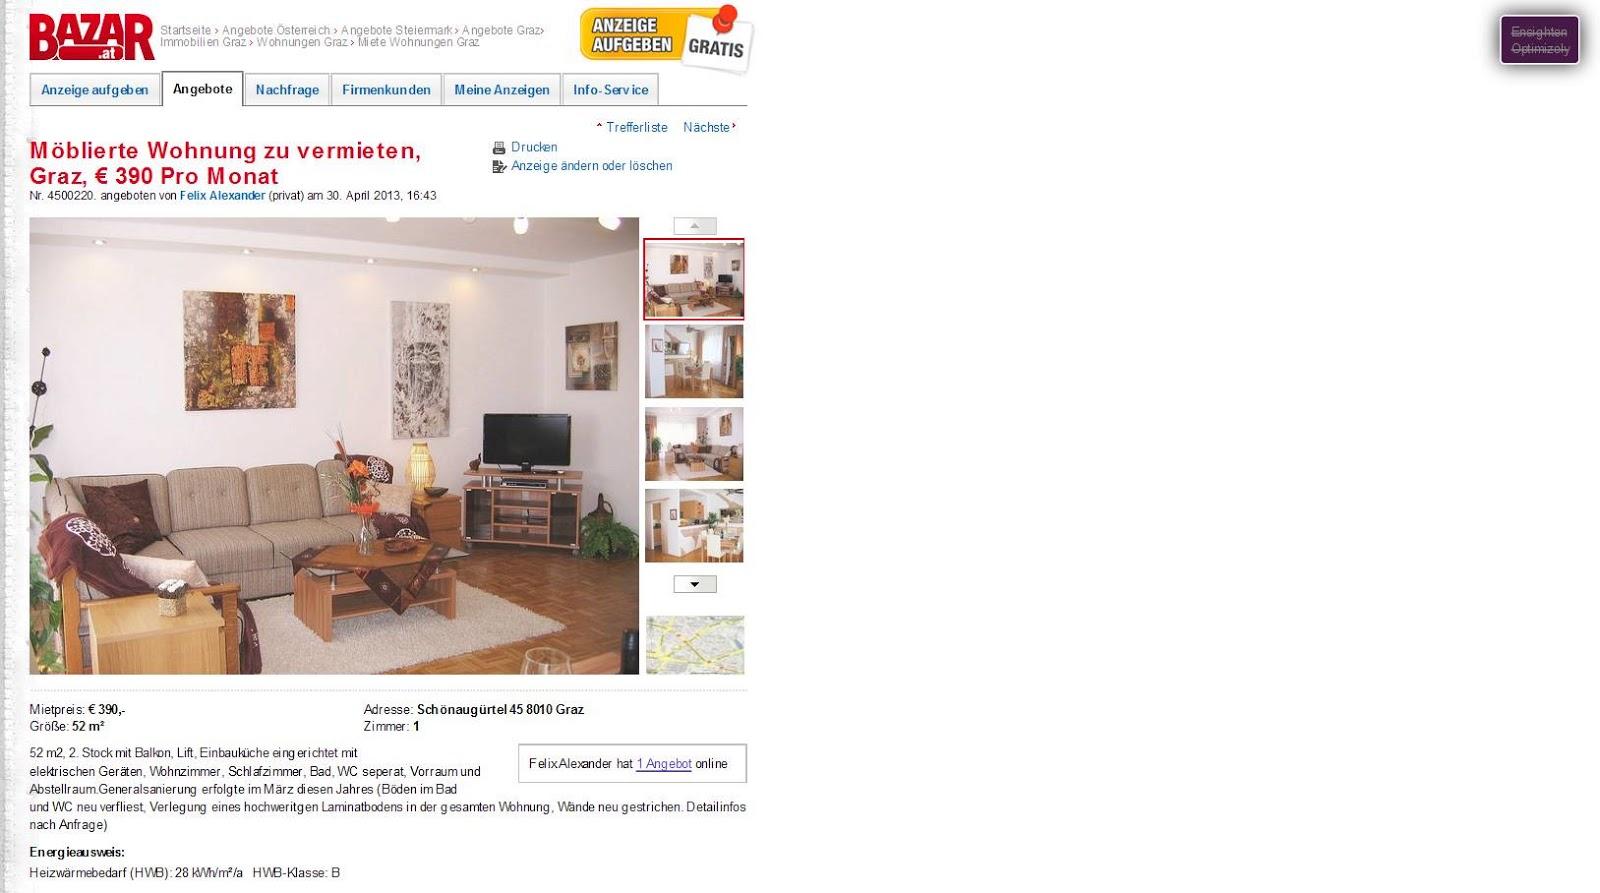 wohnungsbetrugblogspotcom jasminelukehotmailcom Mblierte Wohnung zu vermieten Graz